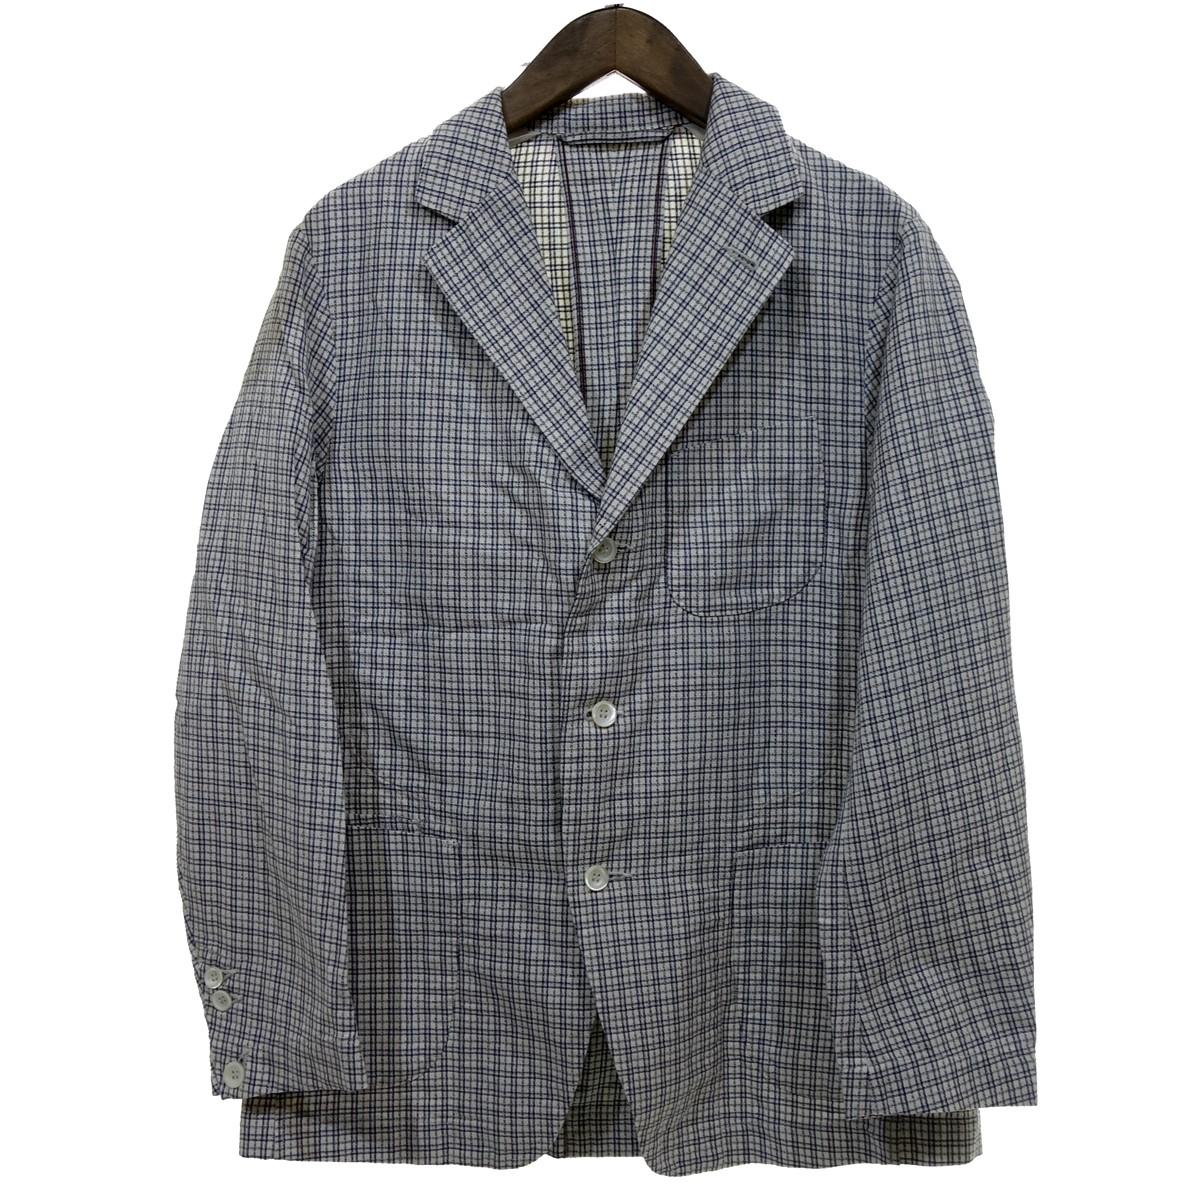 【中古】45R チェック テーラードジャケット ホワイト×ネイビー サイズ:4 【050720】(フォーティファイブ・アール)